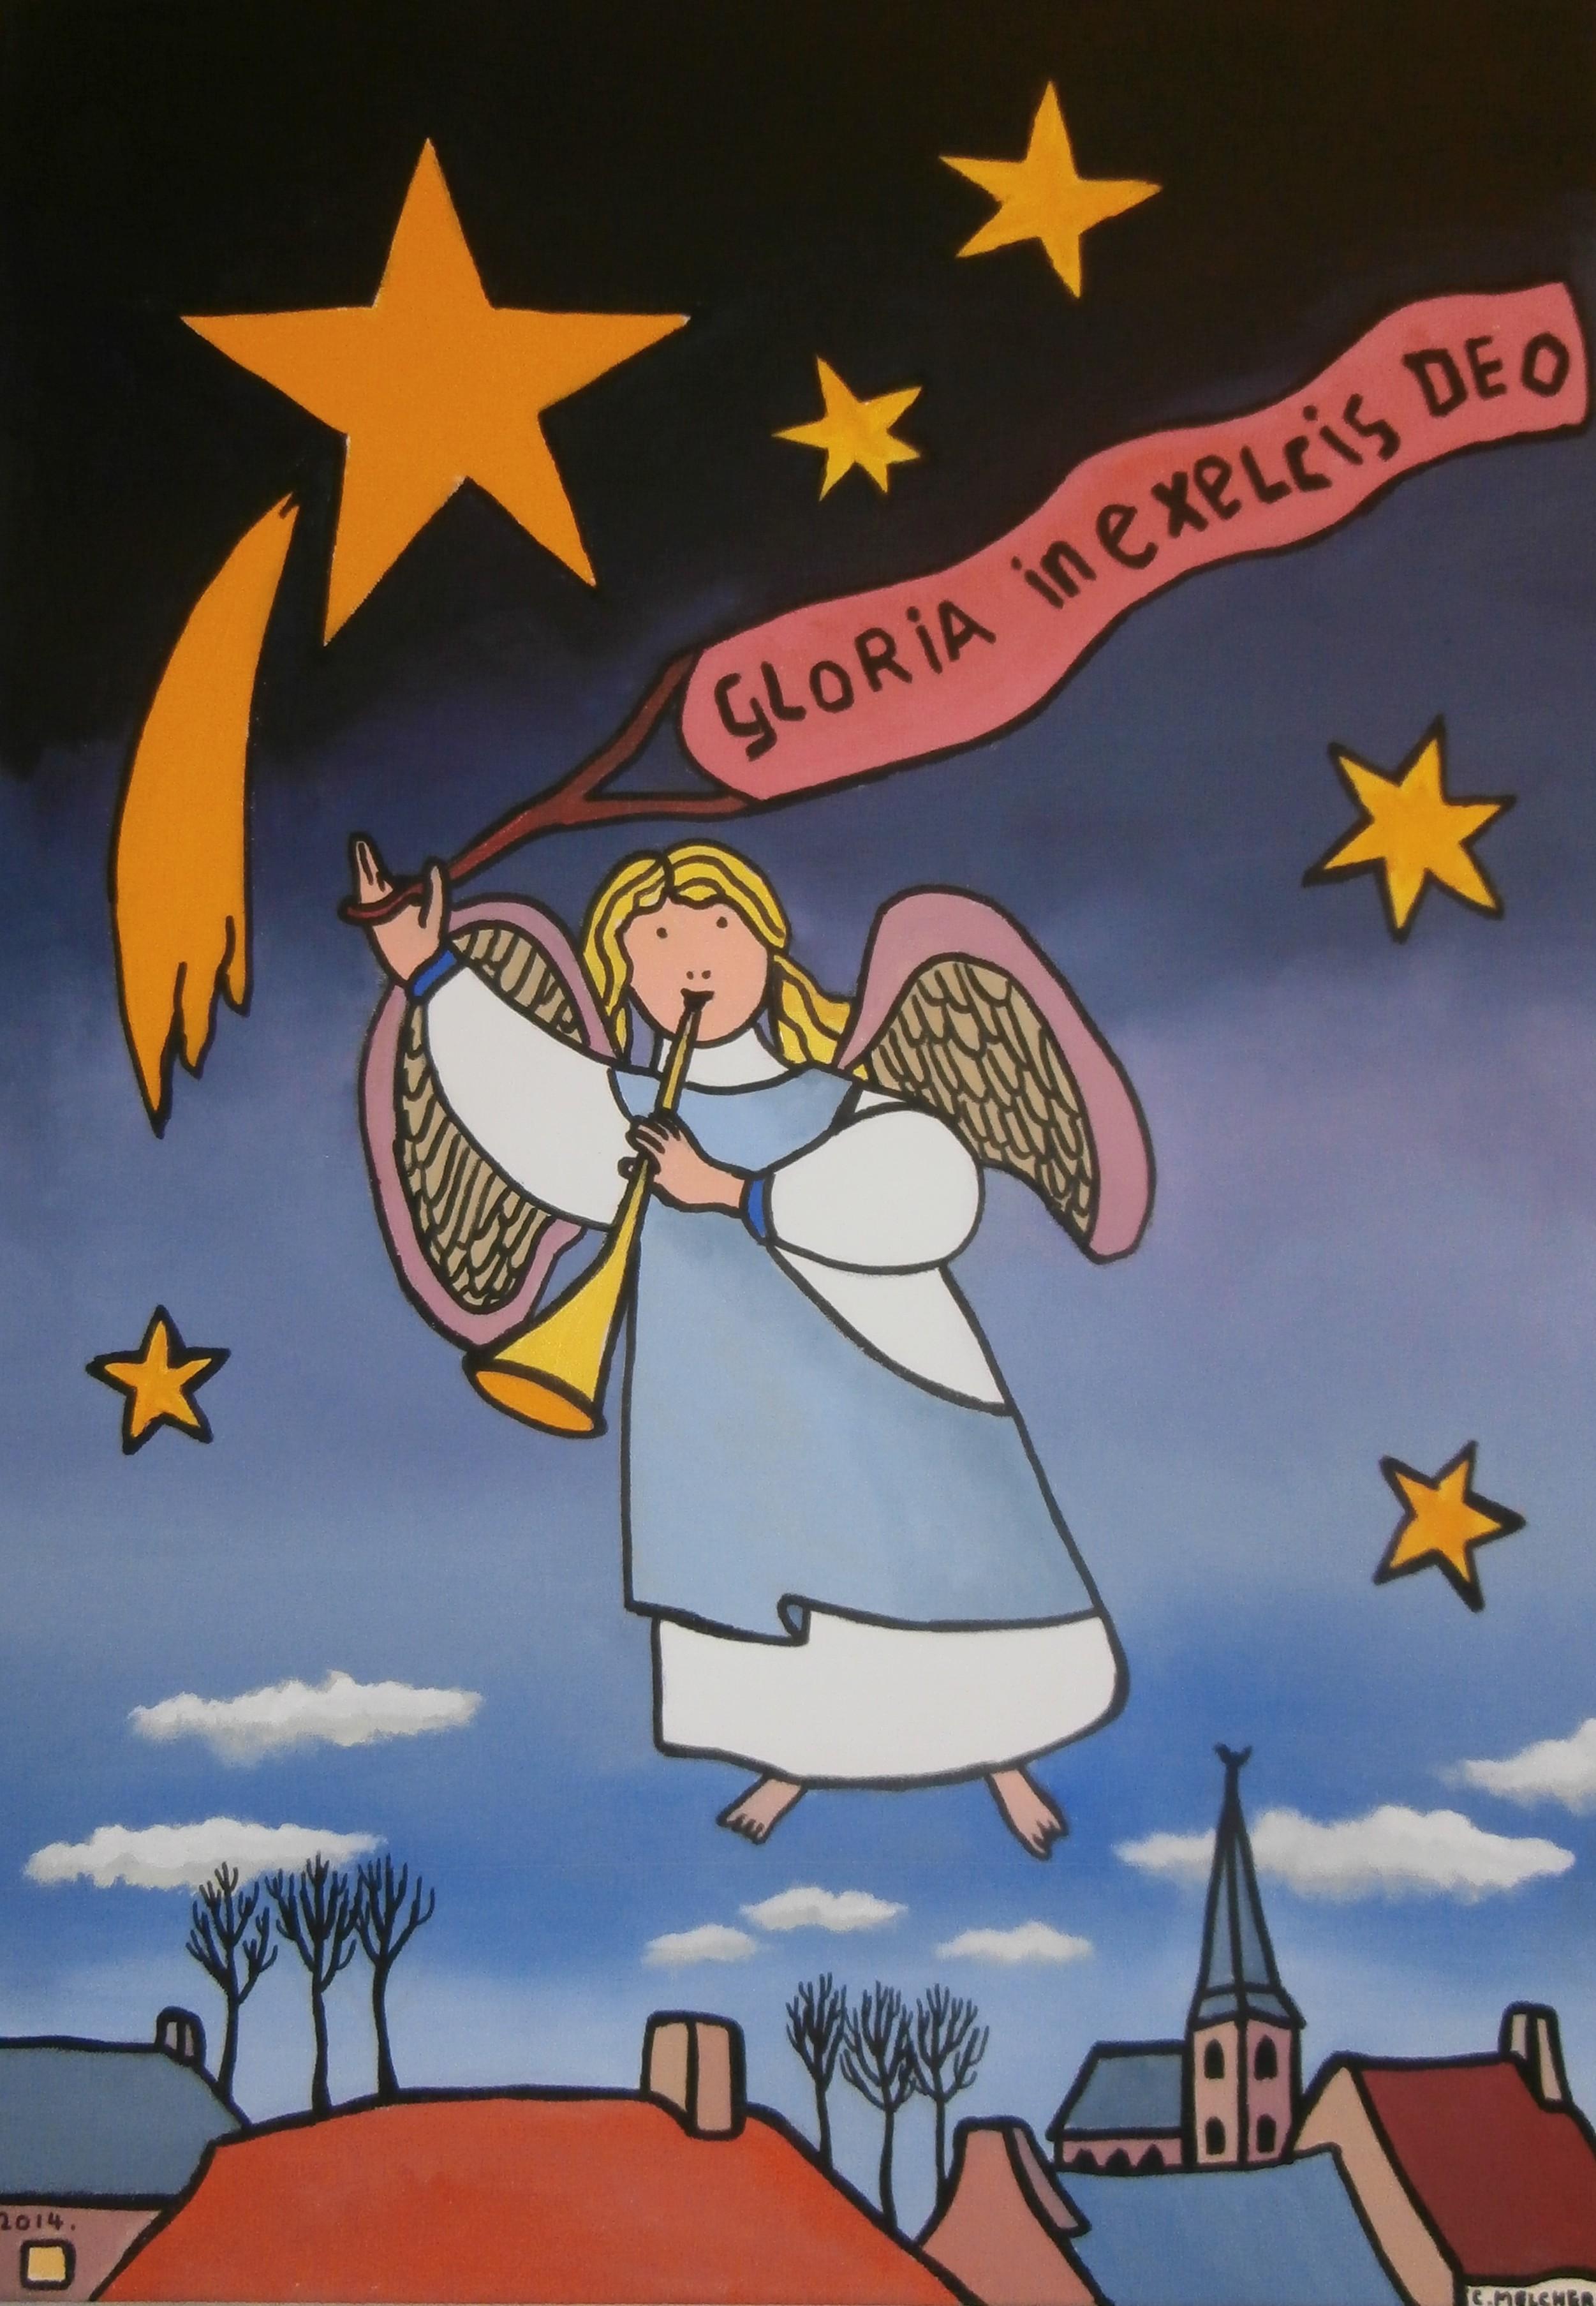 Engelen met Gloria in Excelsis Deo